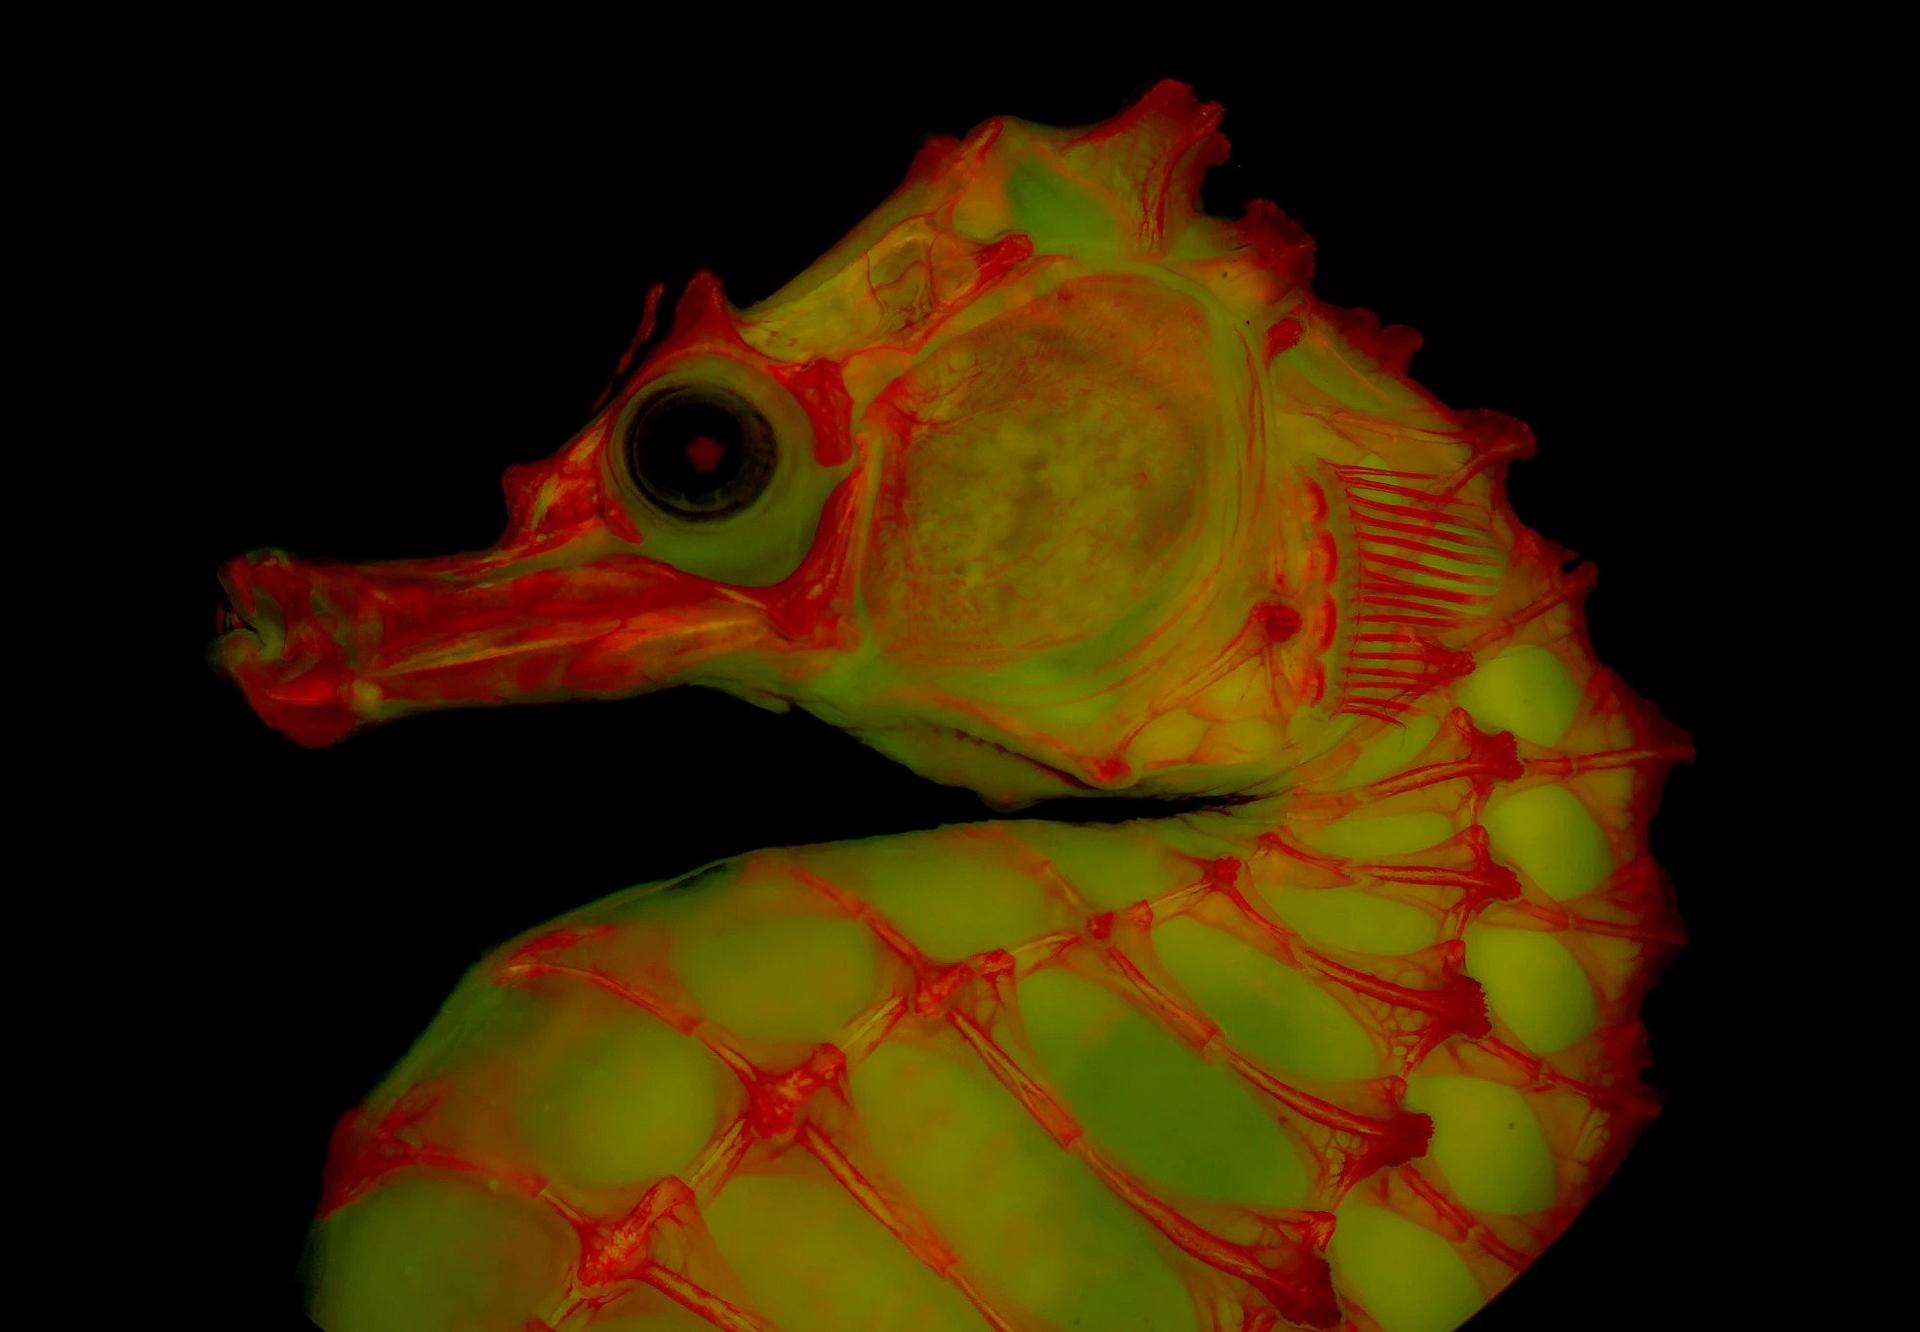 架在甘油明胶混合液中的海马透明骨骼标本,其身上的染料于萤光灯照耀下发出红色光芒。这种摄影技术让科学家能以全新的方式检视骨骼。 PHOTOGRAPH BY LEO